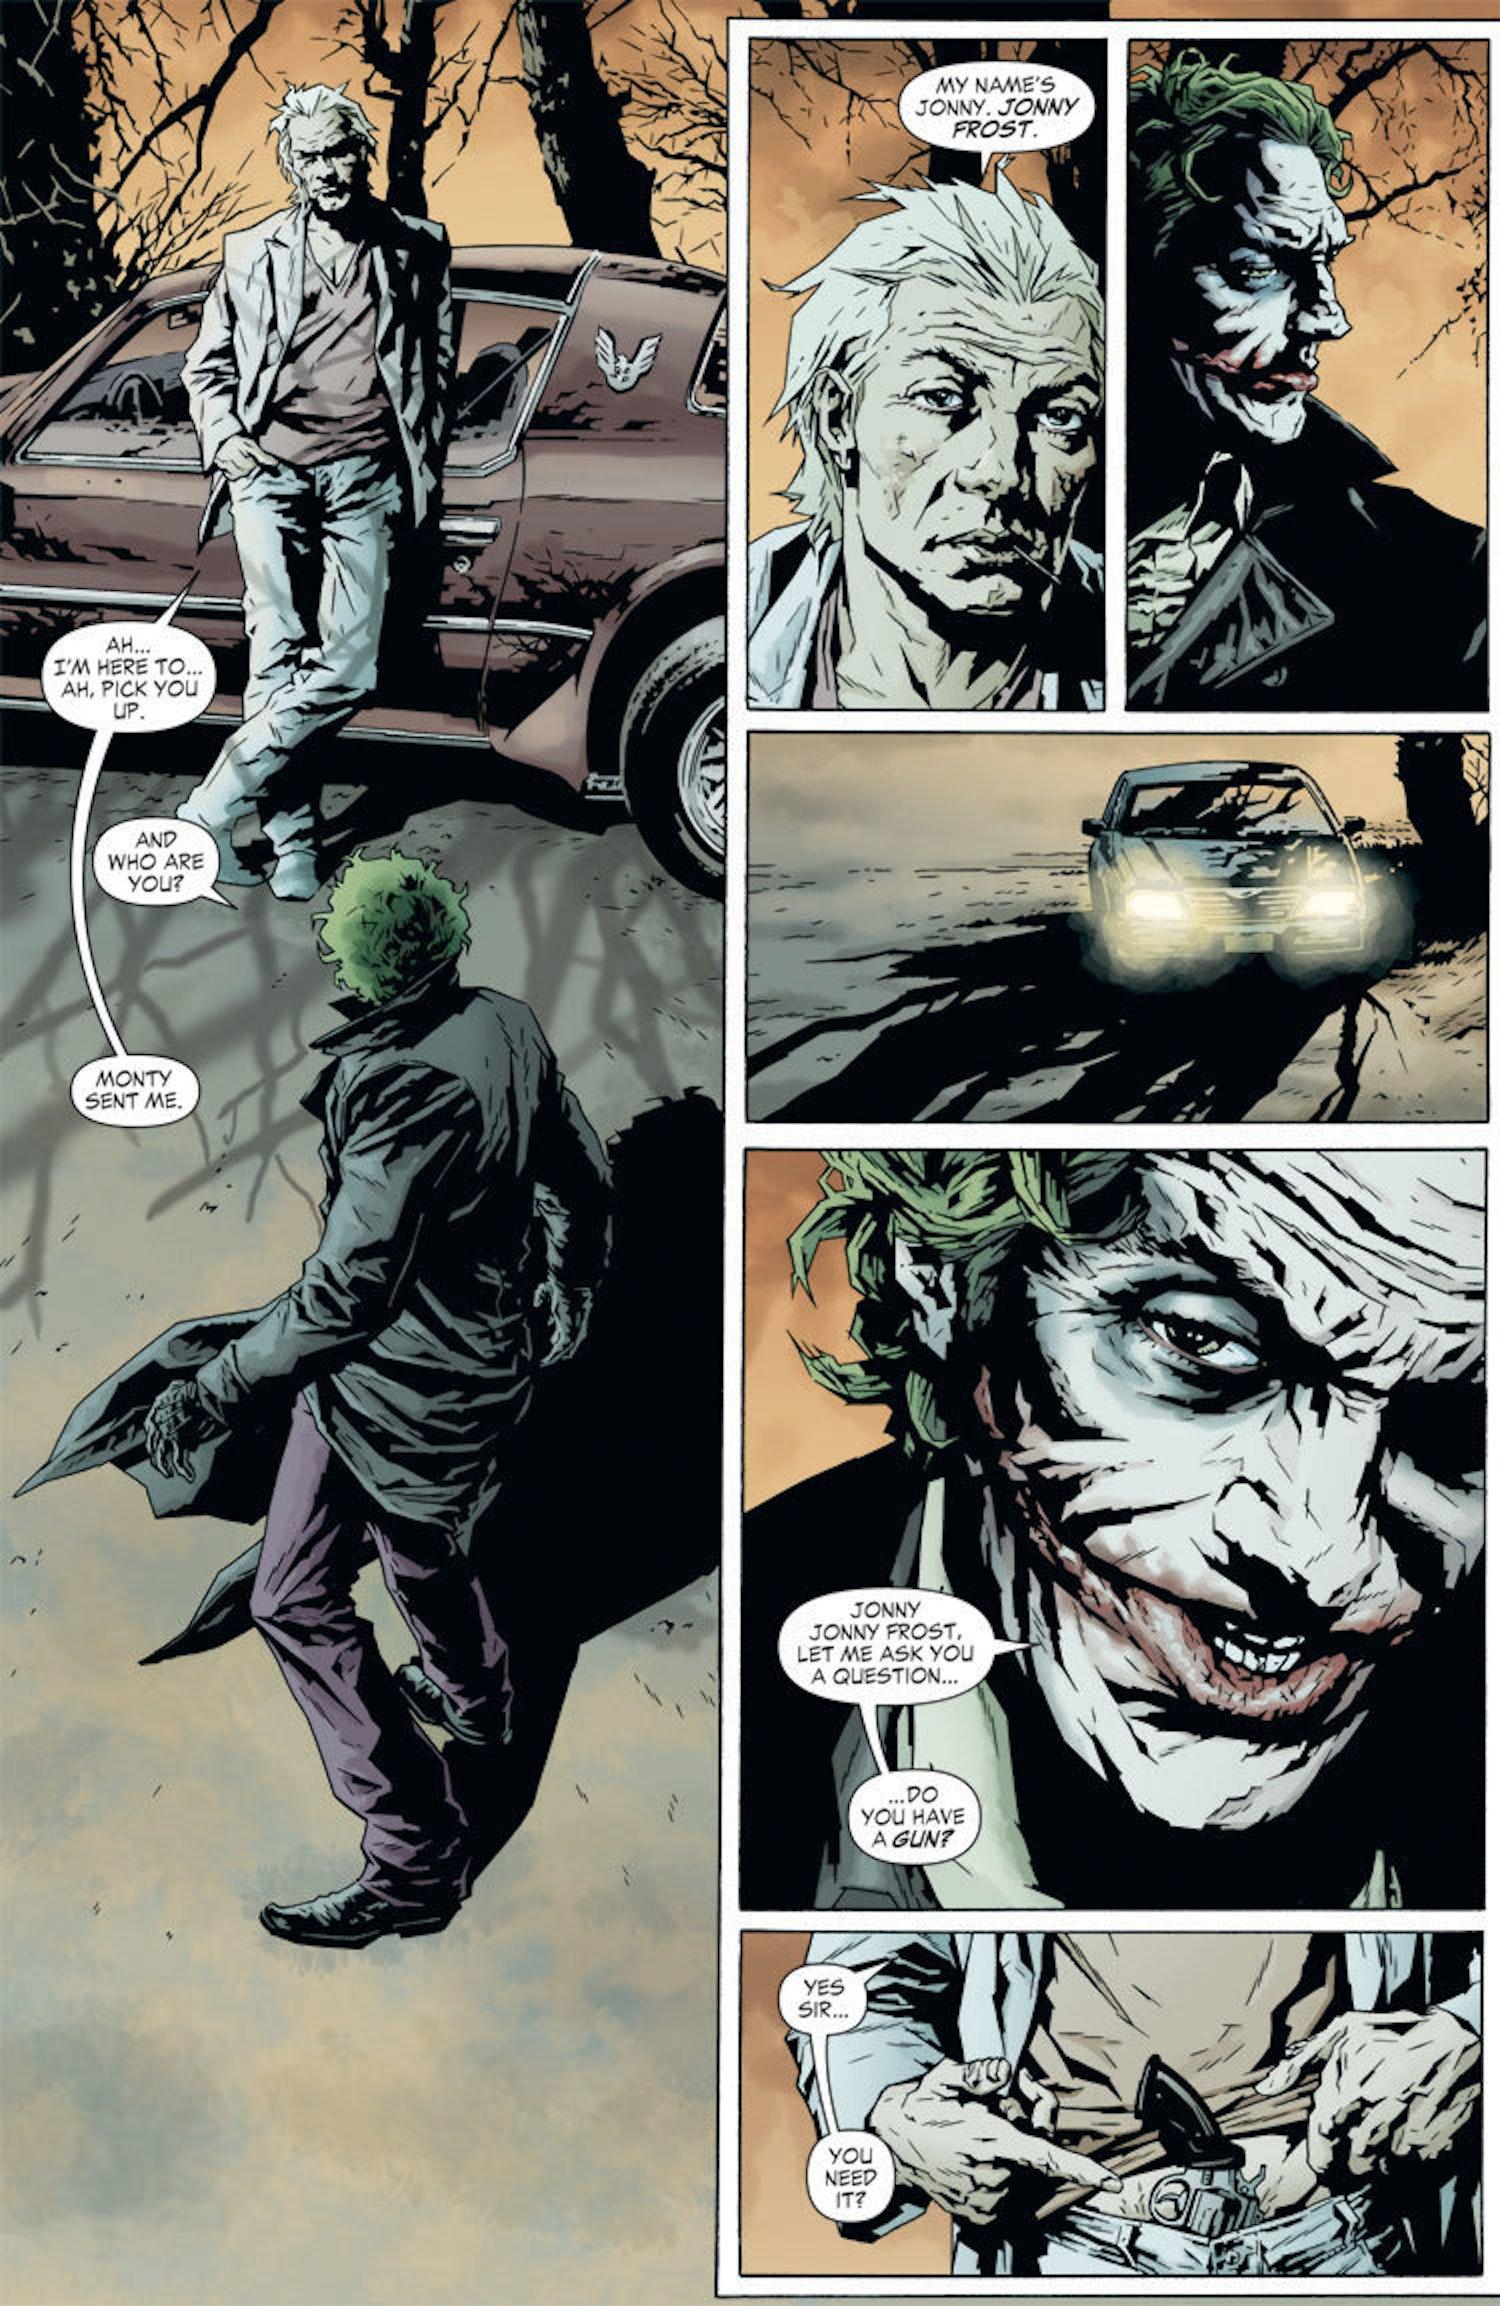 Jonny Frost meets Joker for the first time in 'Joker' (2008)